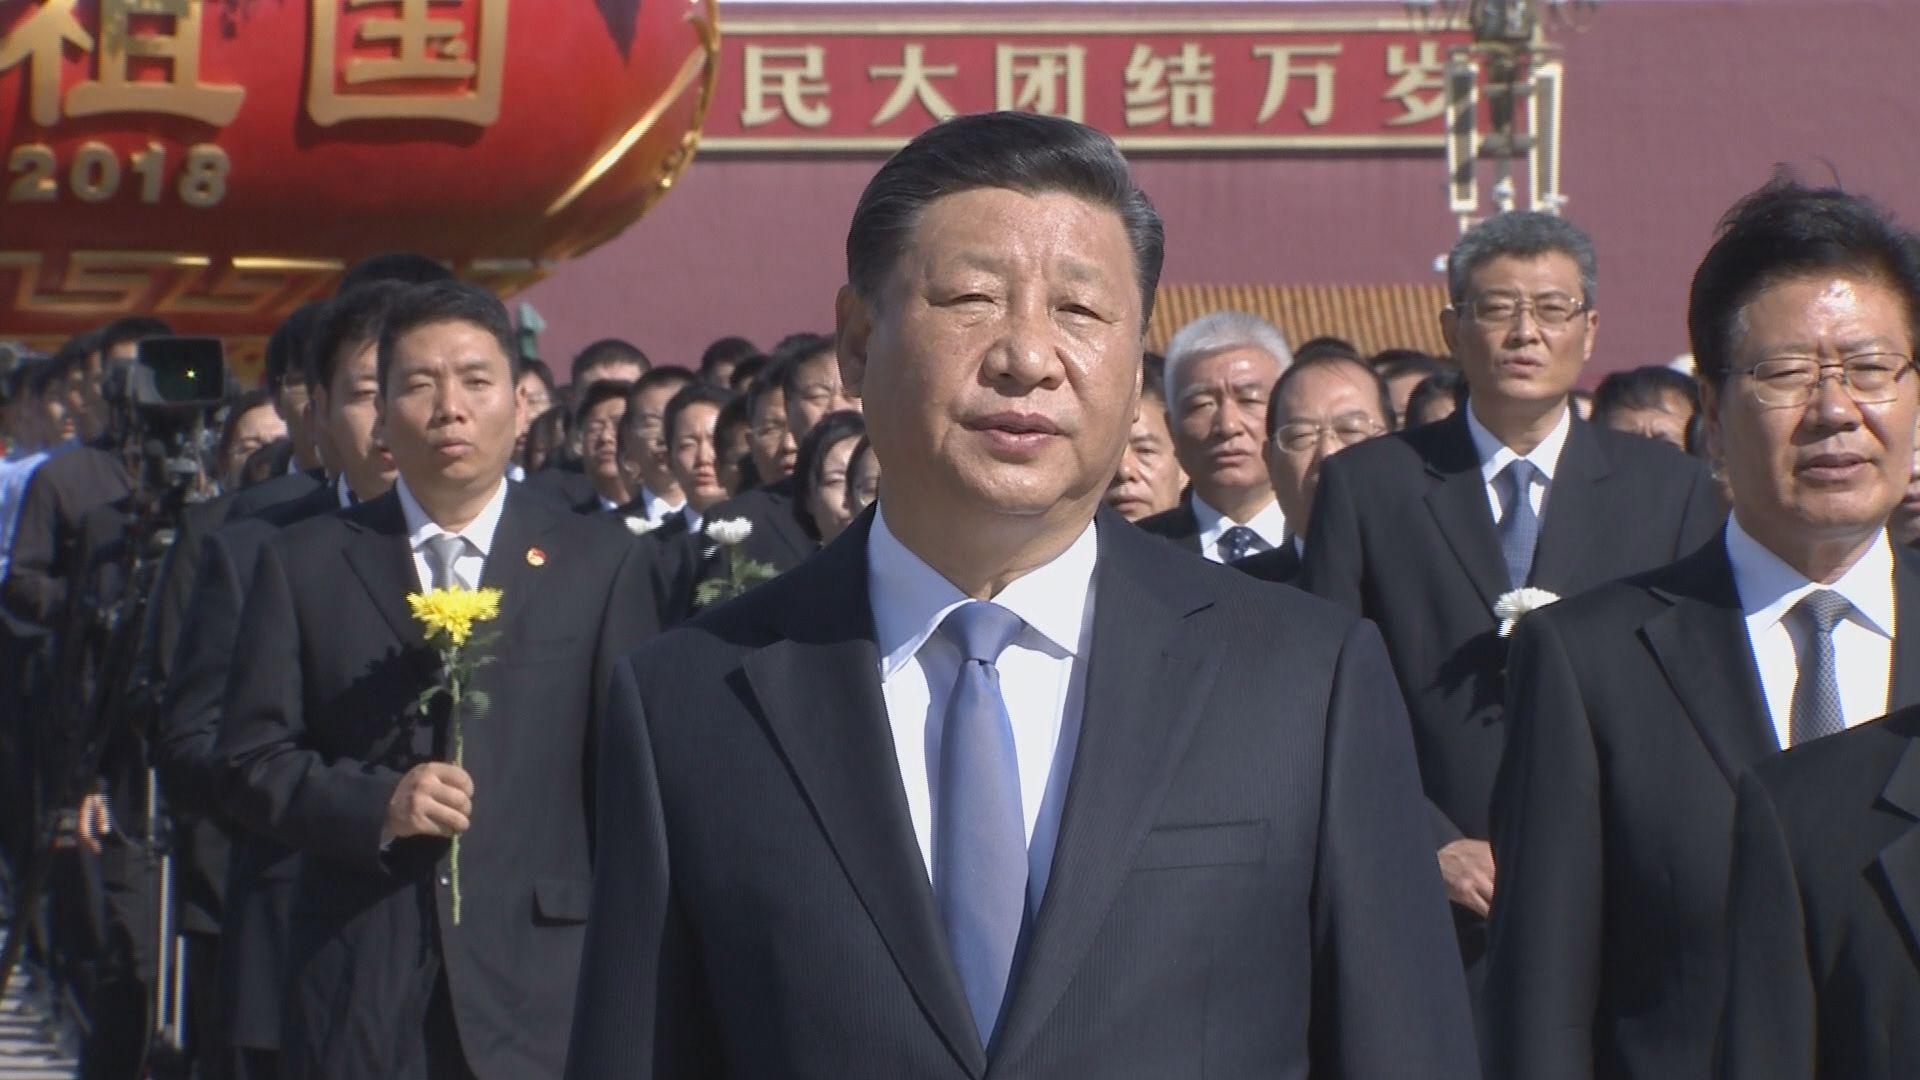 習近平在北京出席烈士紀念日儀式